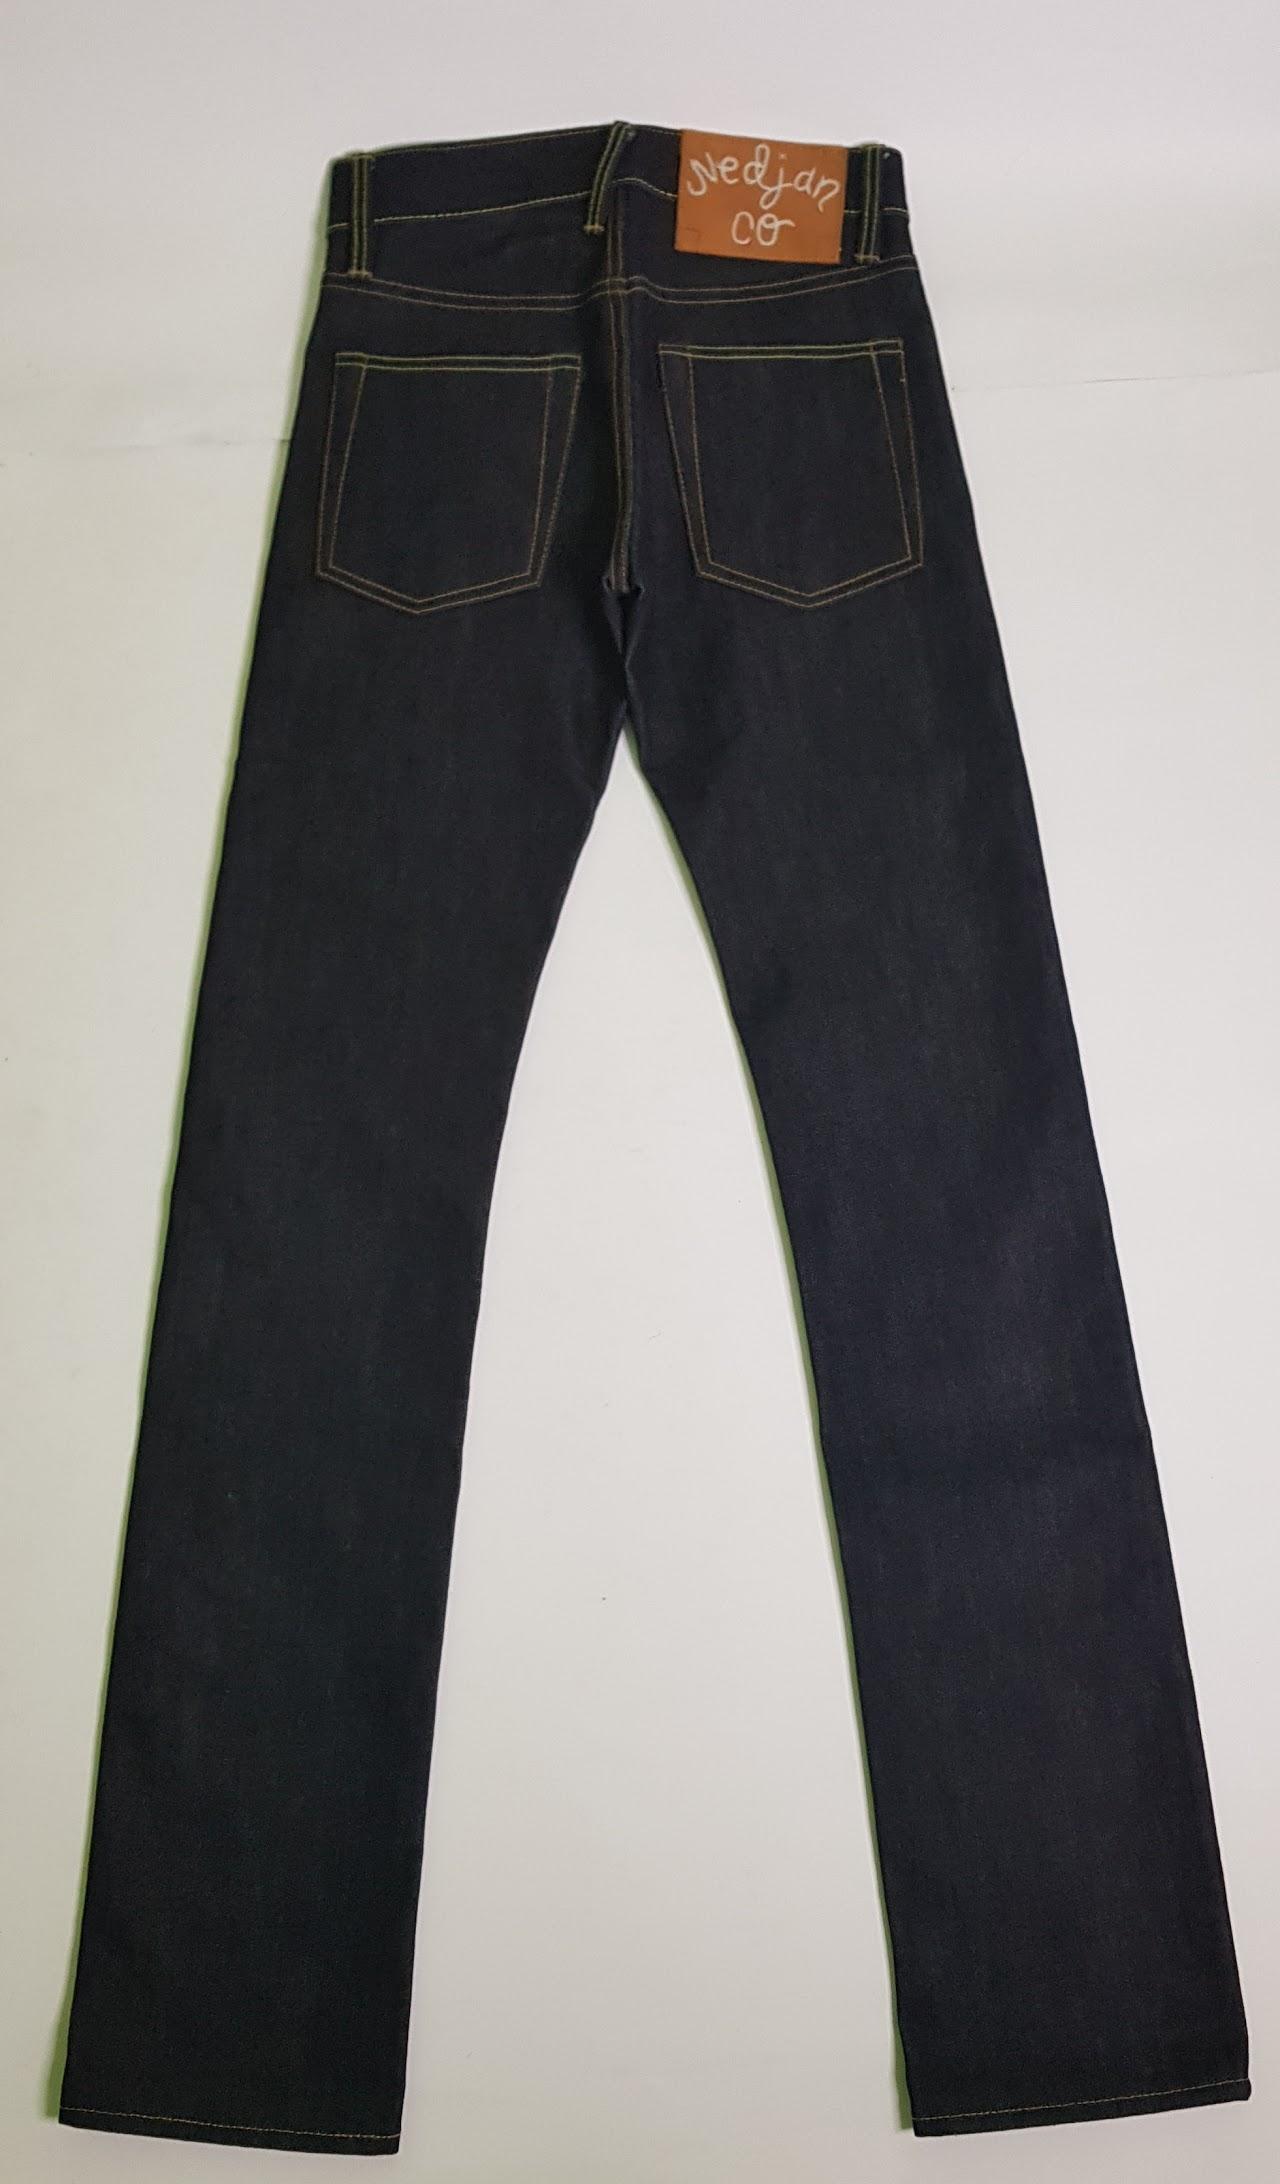 Nedjan Company N-001-XS Raw Denimm Jeans